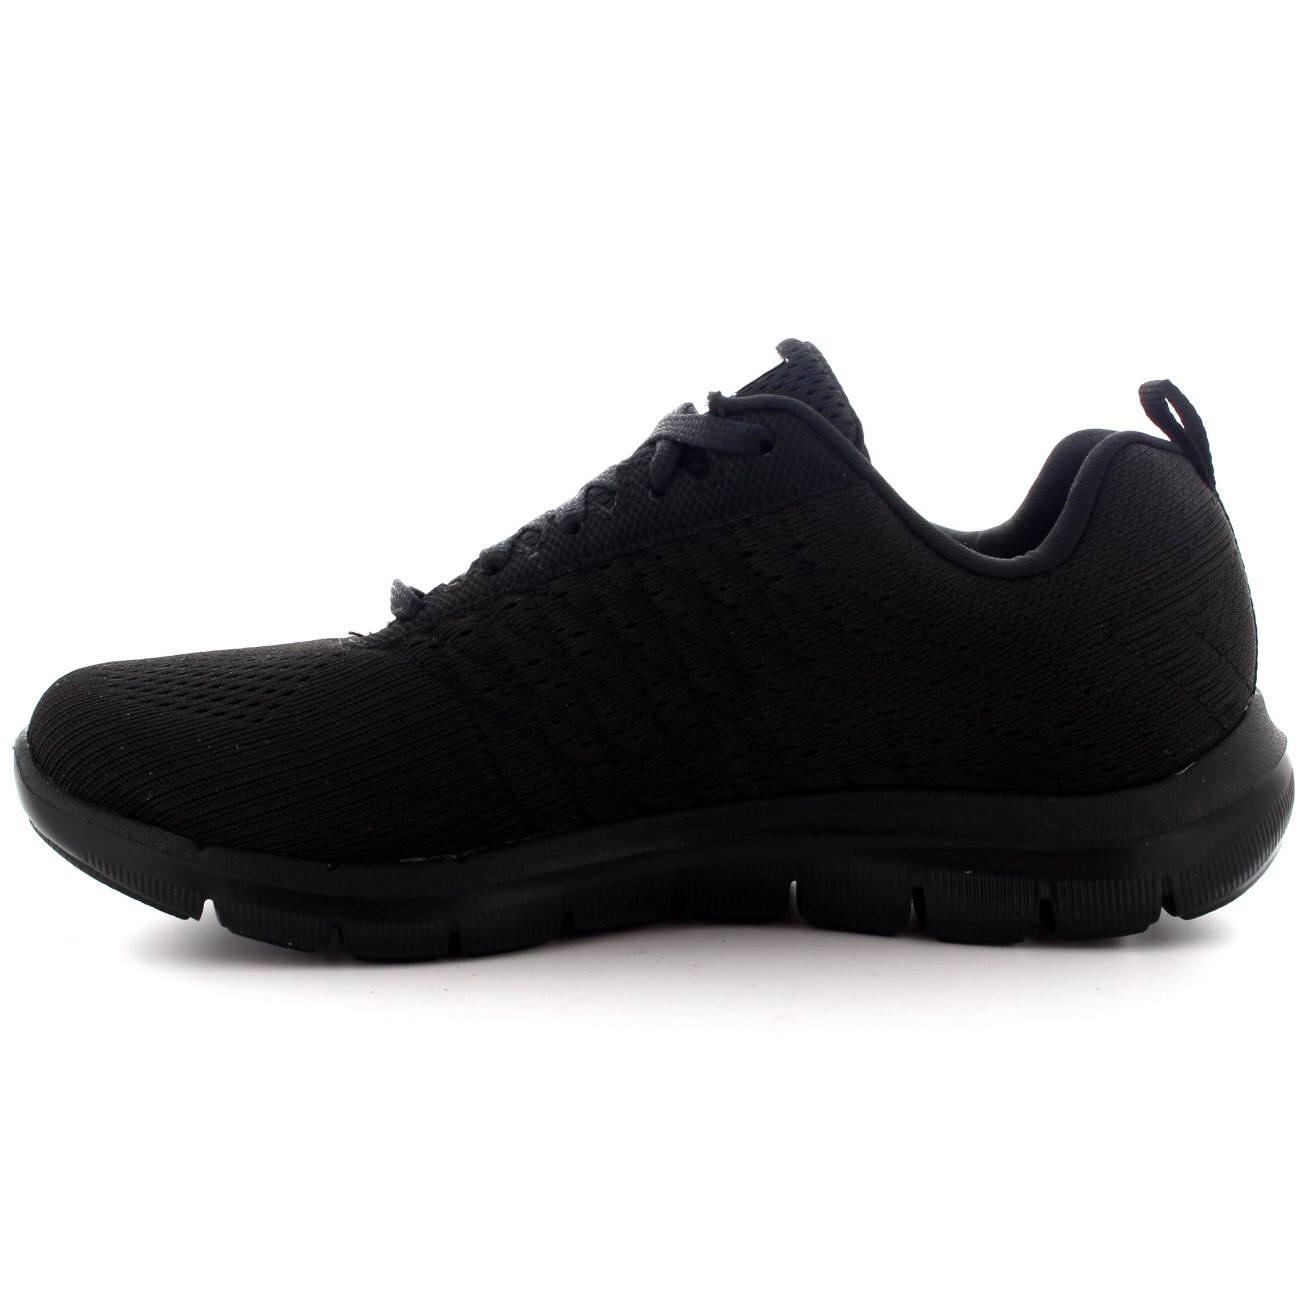 Womens Nike Running Shoes Memory Foam